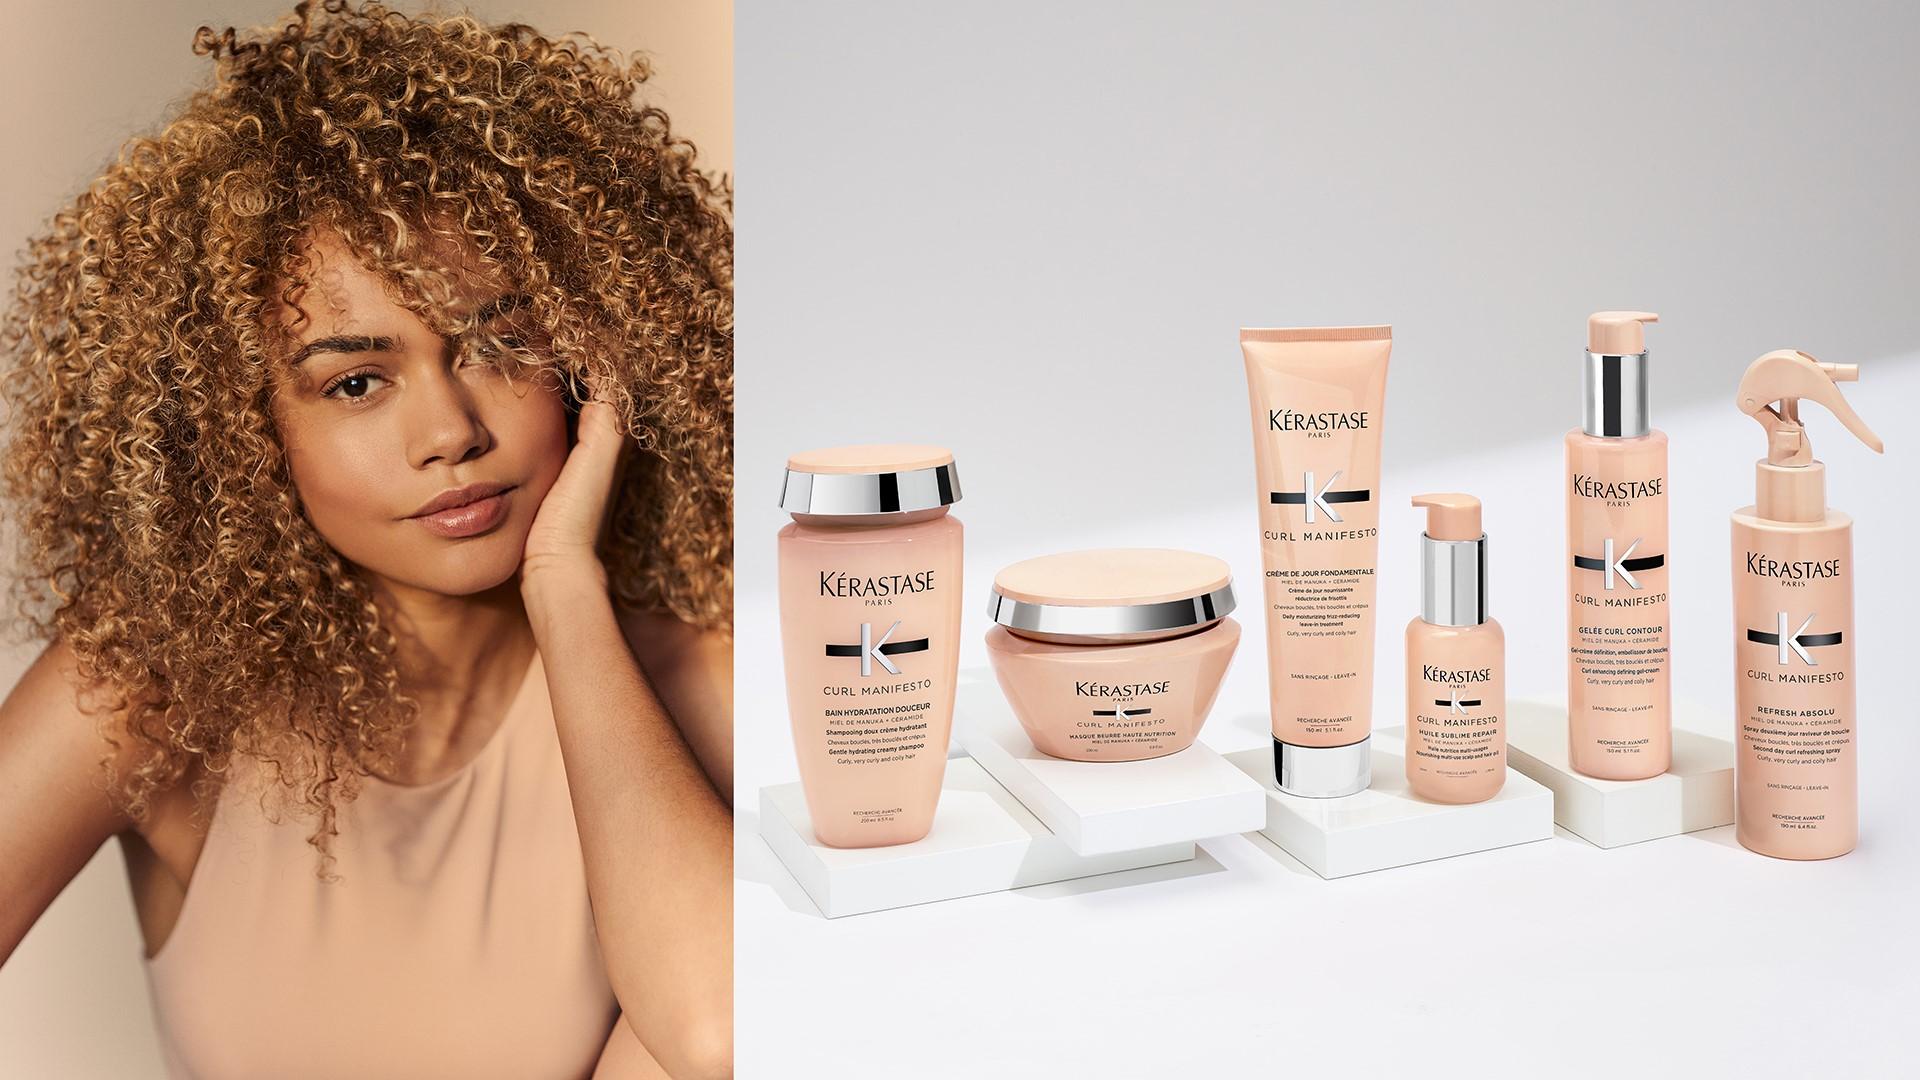 Kérastase Curl Manifesto: Die professionelle Haarpflege für formschöne Locken